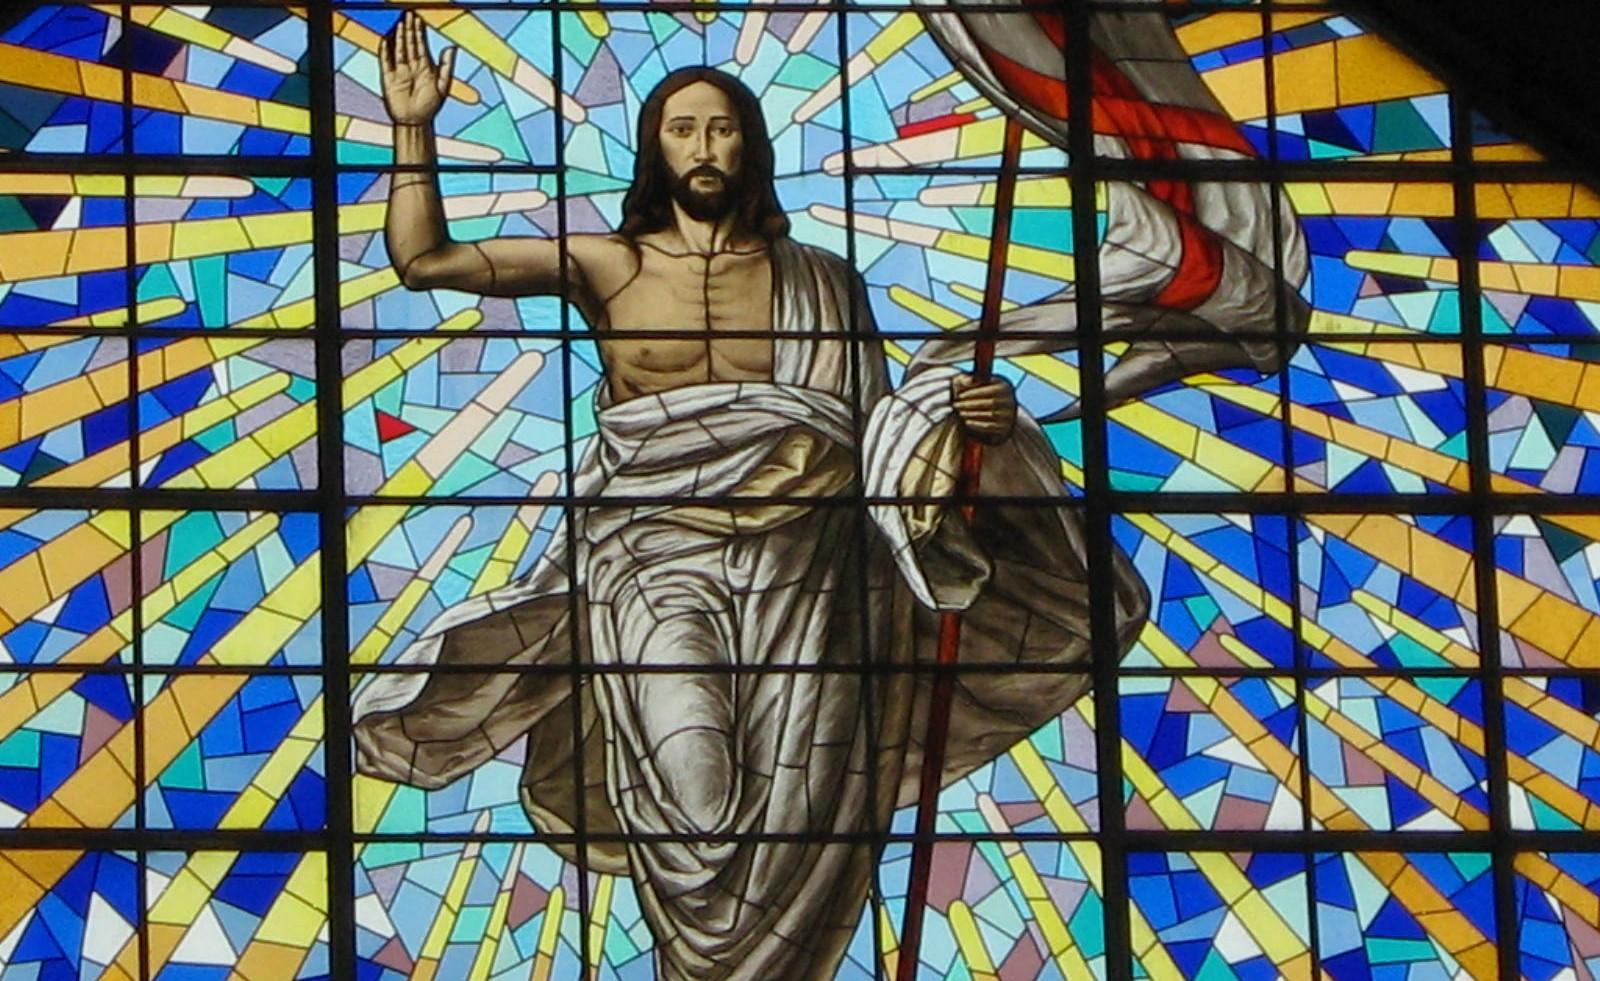 Las Evidencias de la Veracidad de la Resurrección de Jesús